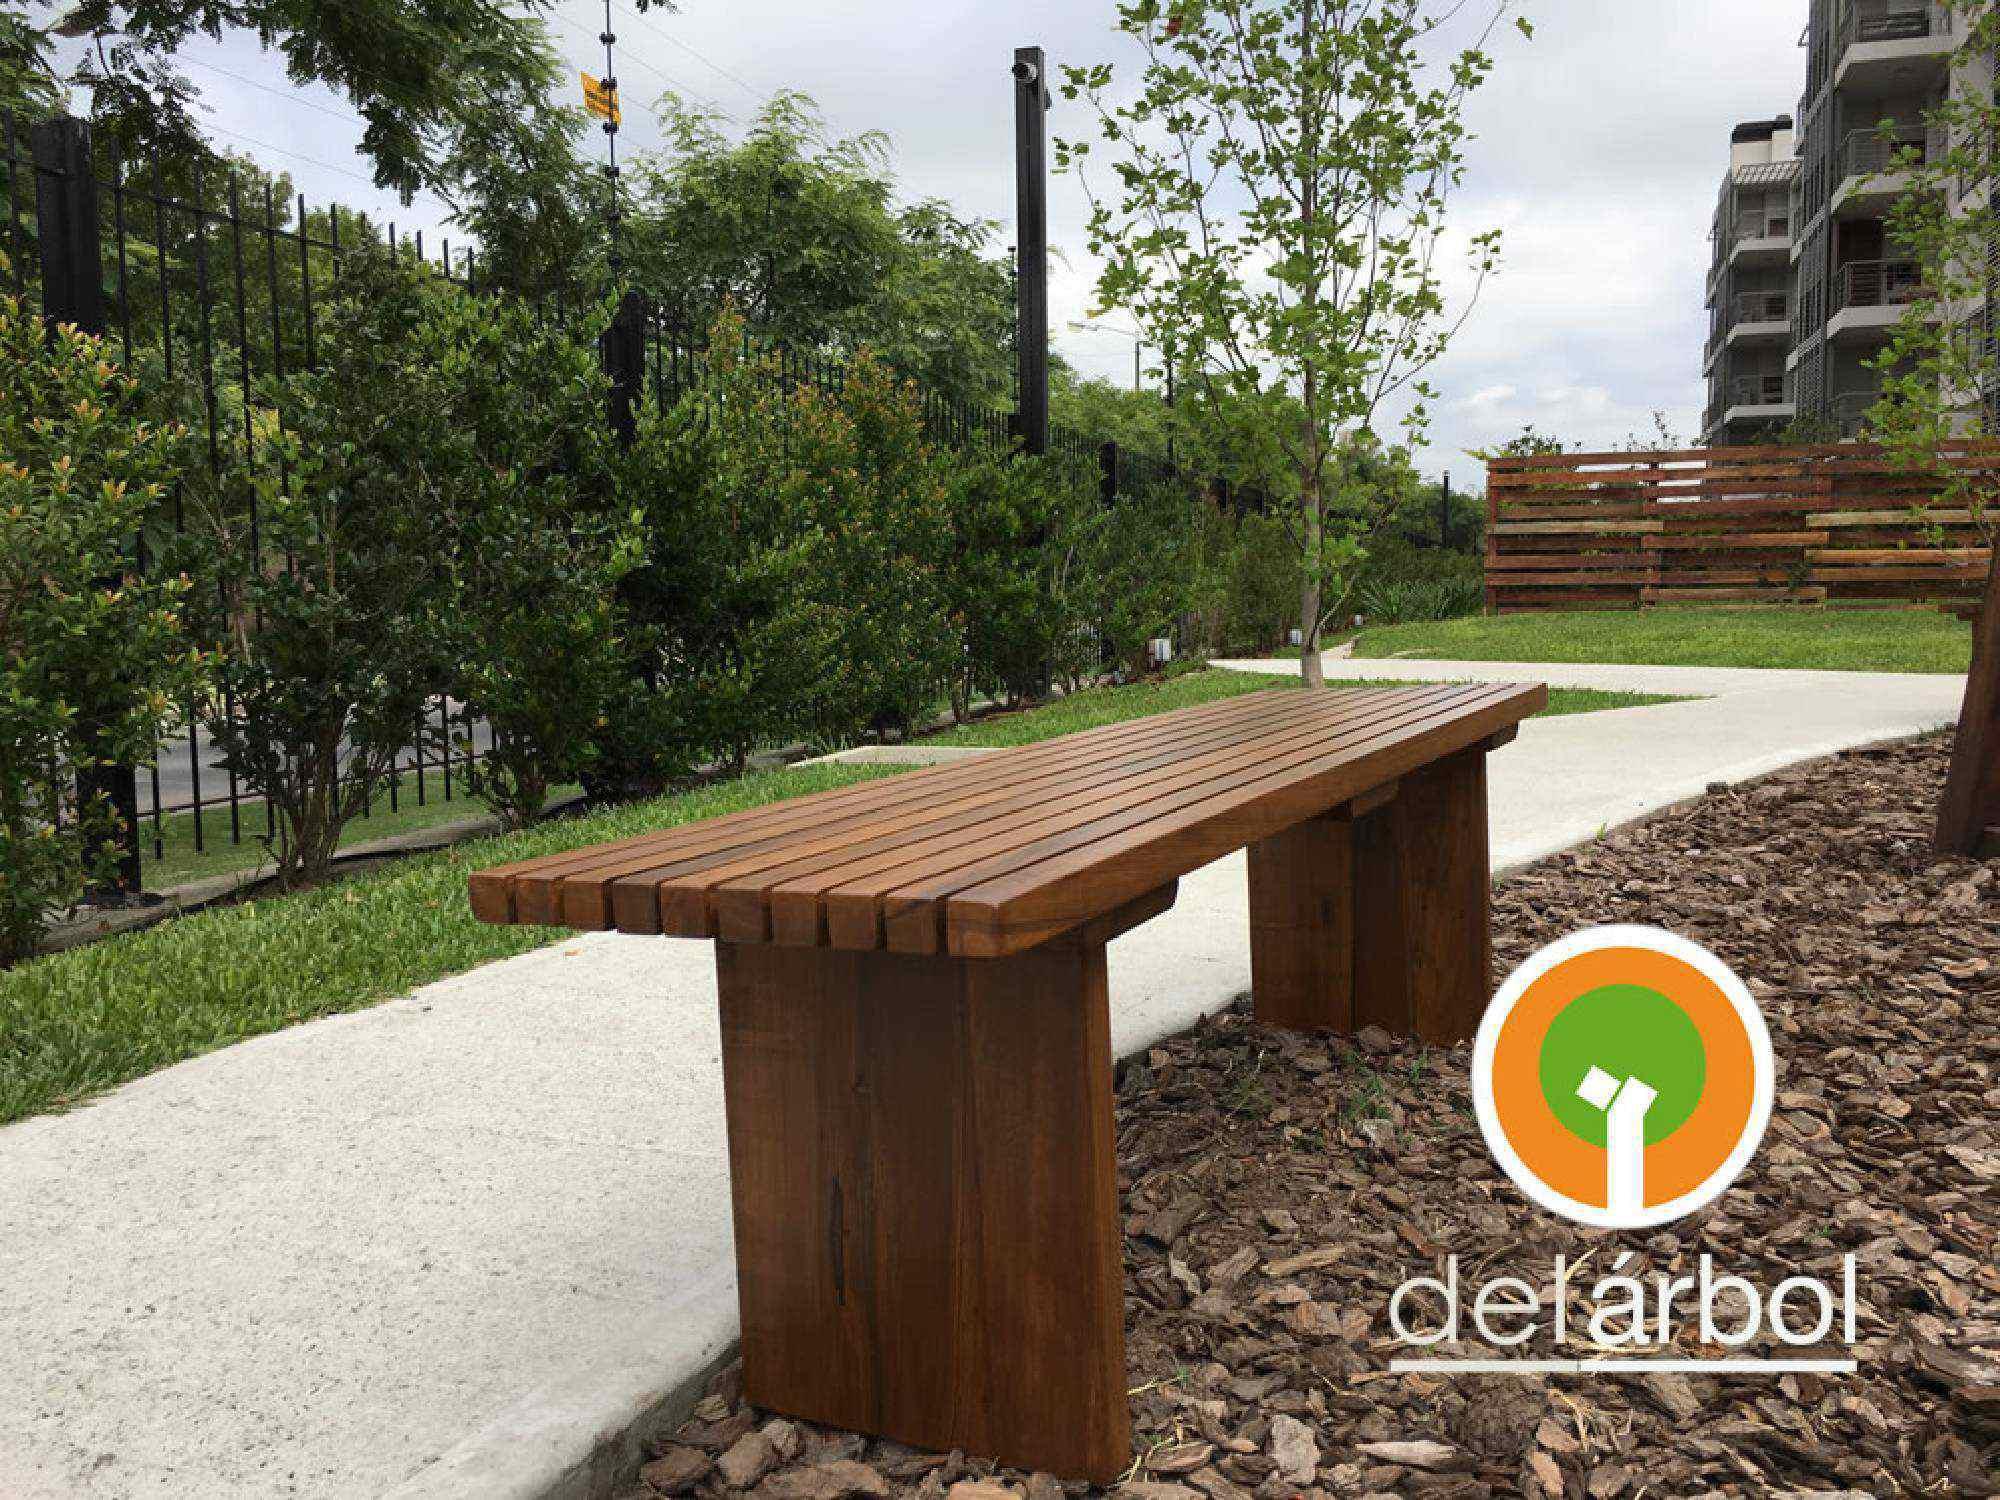 Banco de listones de madera para jard n y exterior del - Listones de madera para exterior ...